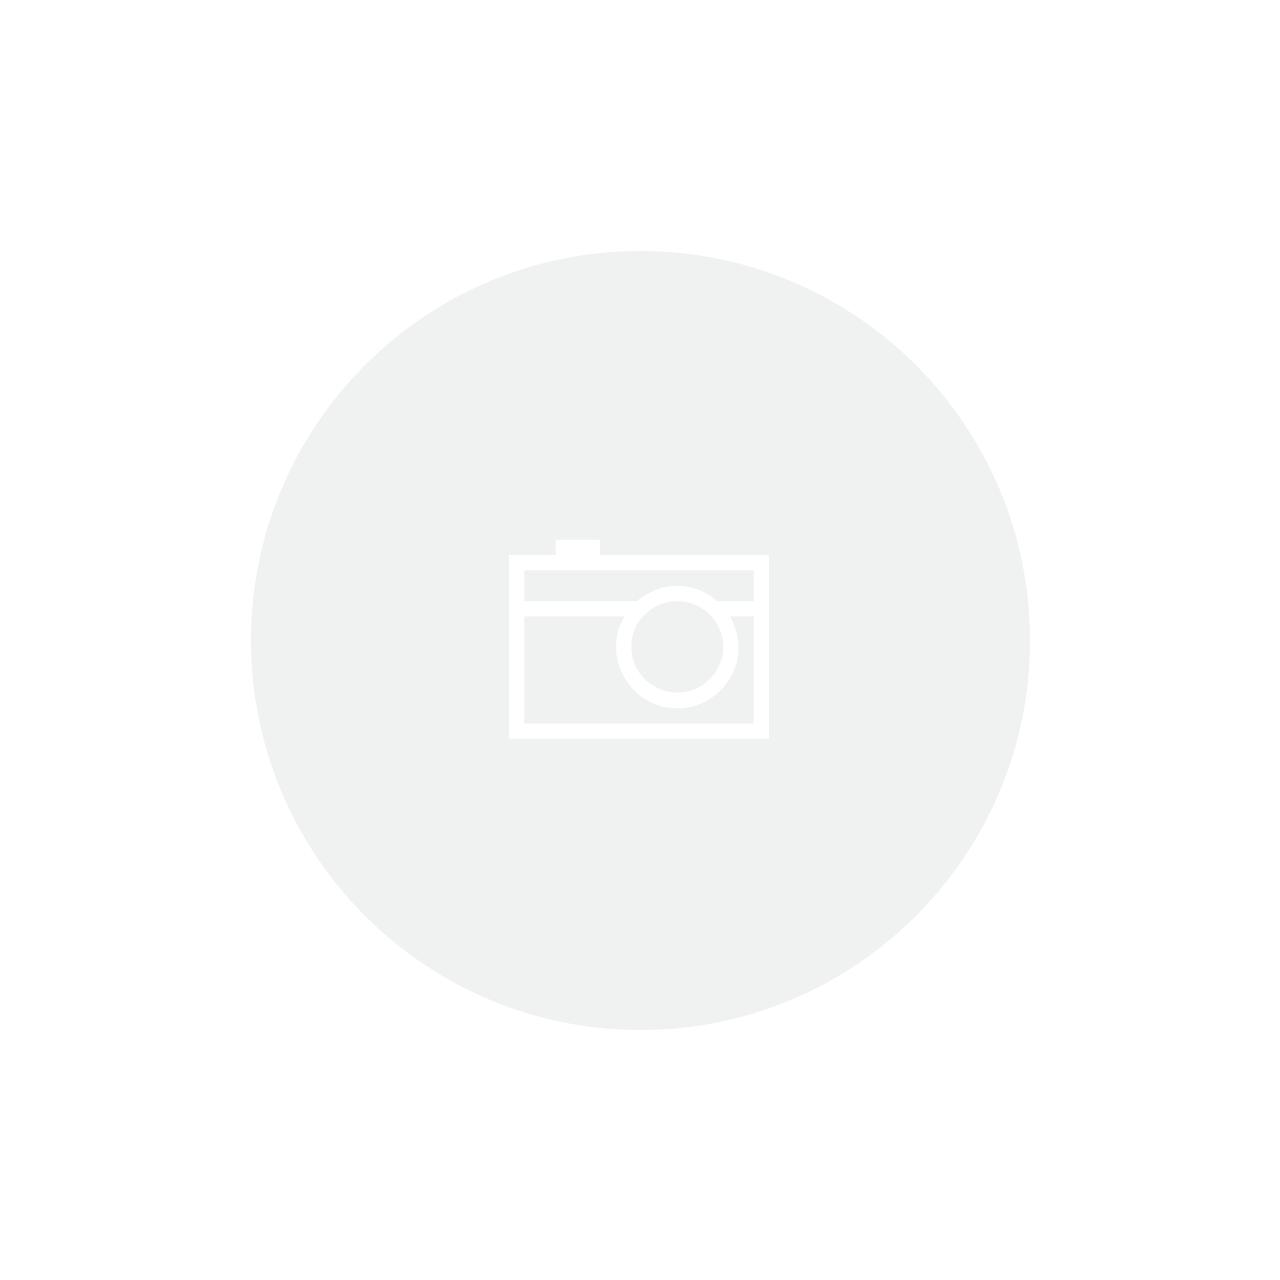 CATRACA 7V ROSCA SHIMANO TOURNEY 14X34 TZ500 (21V)